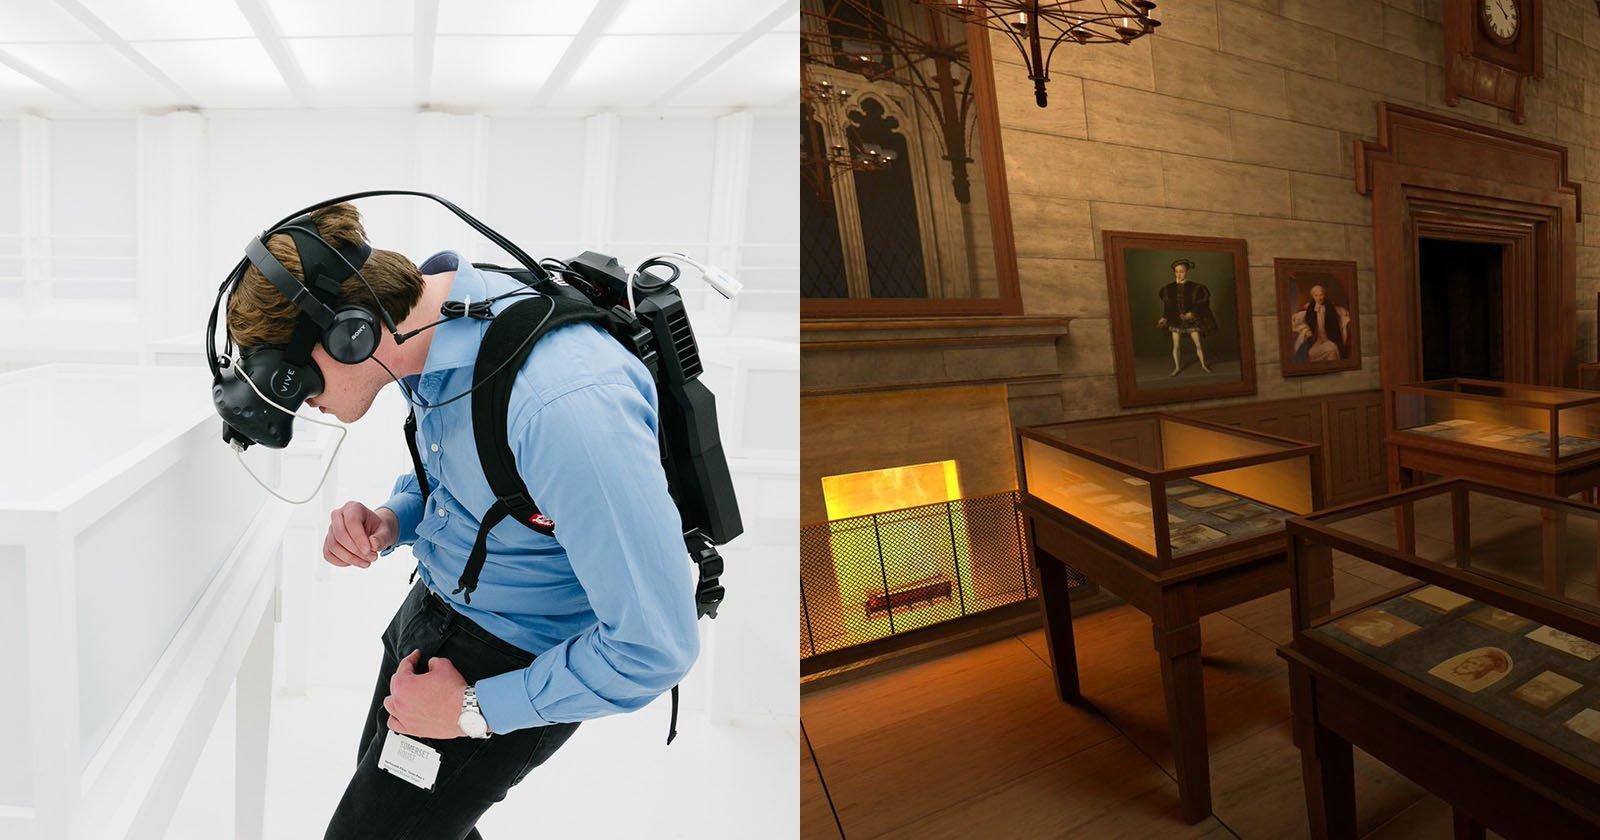 D Virtual Reality Exhibition : Cedd hong kong slope safety roving exhibition d park tsuen